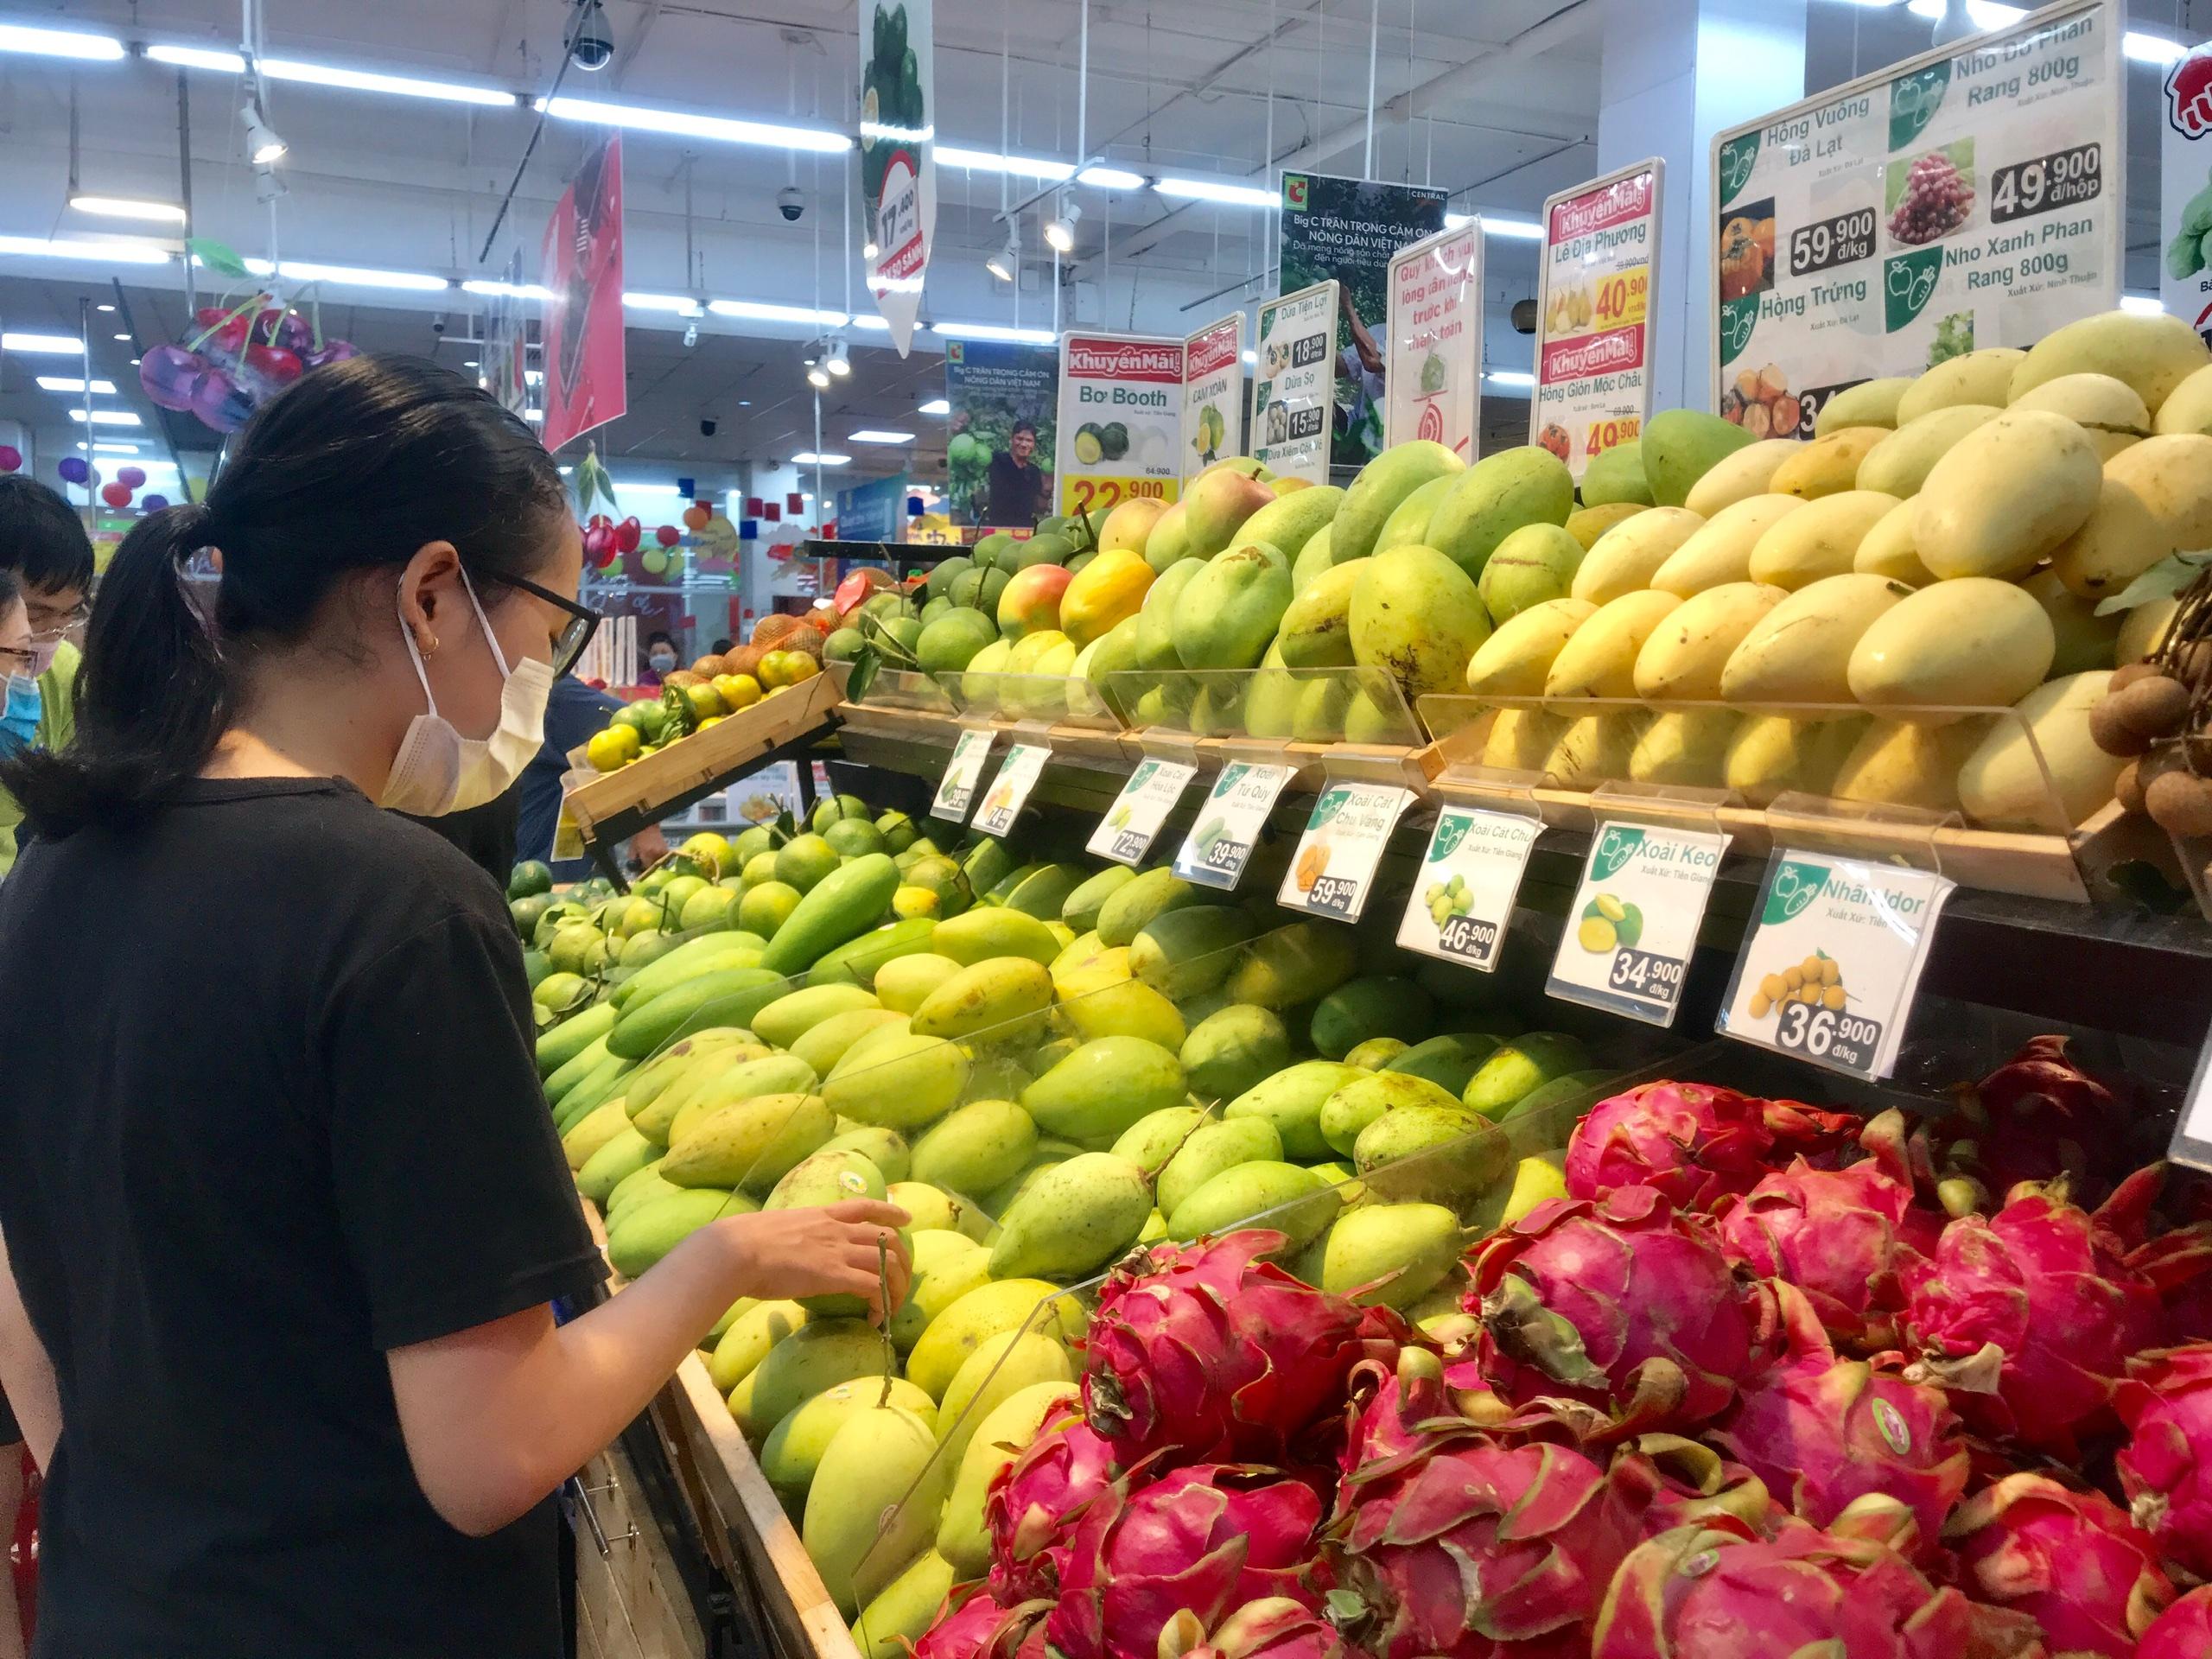 Trái cây Việt chinh phục thị trường Thượng Hải đòi hỏi phải có chất lượng và giá cả cạnh tranh - Ảnh 2.